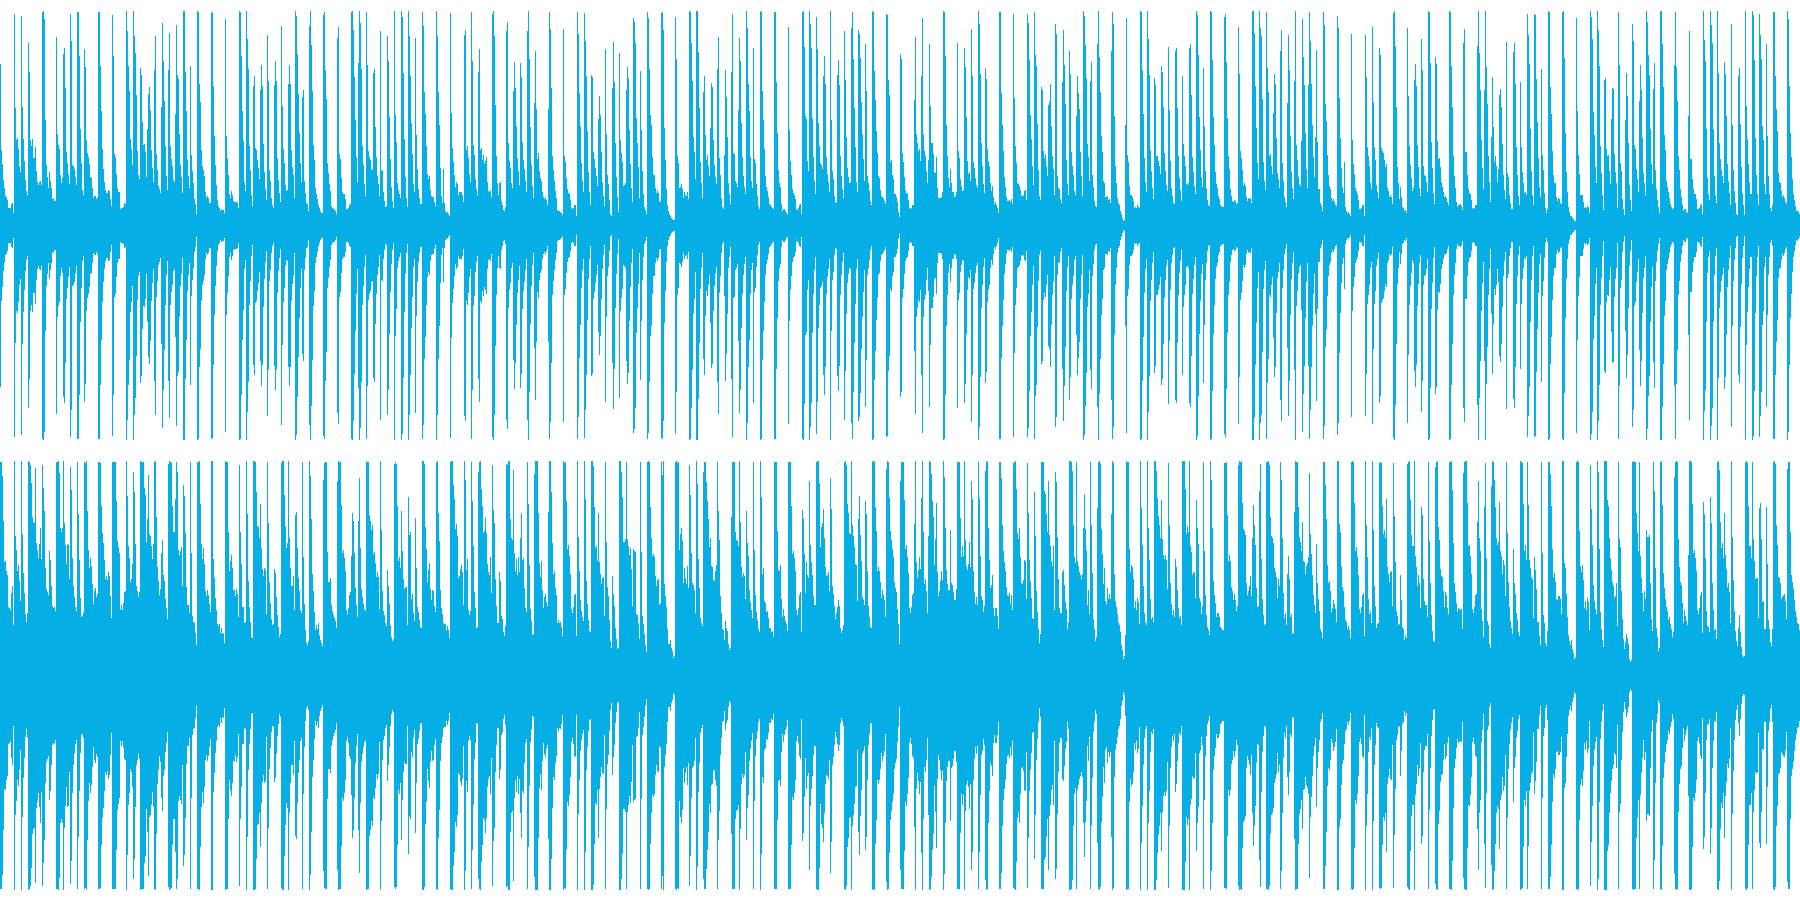 和楽器を中心としたお囃子・出囃子のループの再生済みの波形